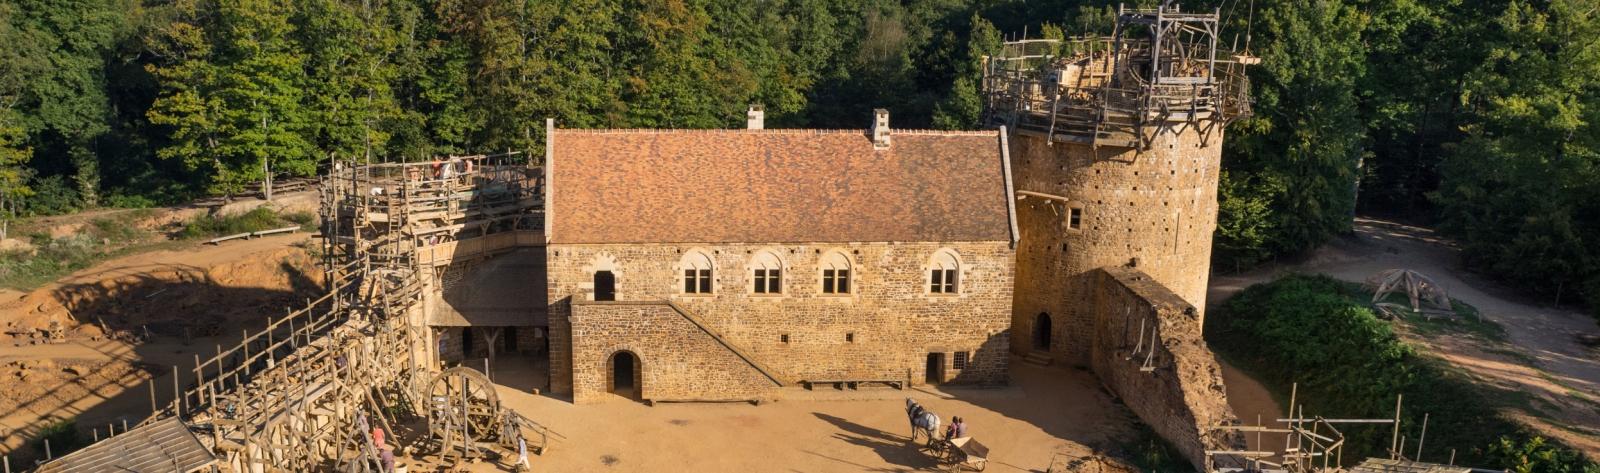 chateau de guedelon visite